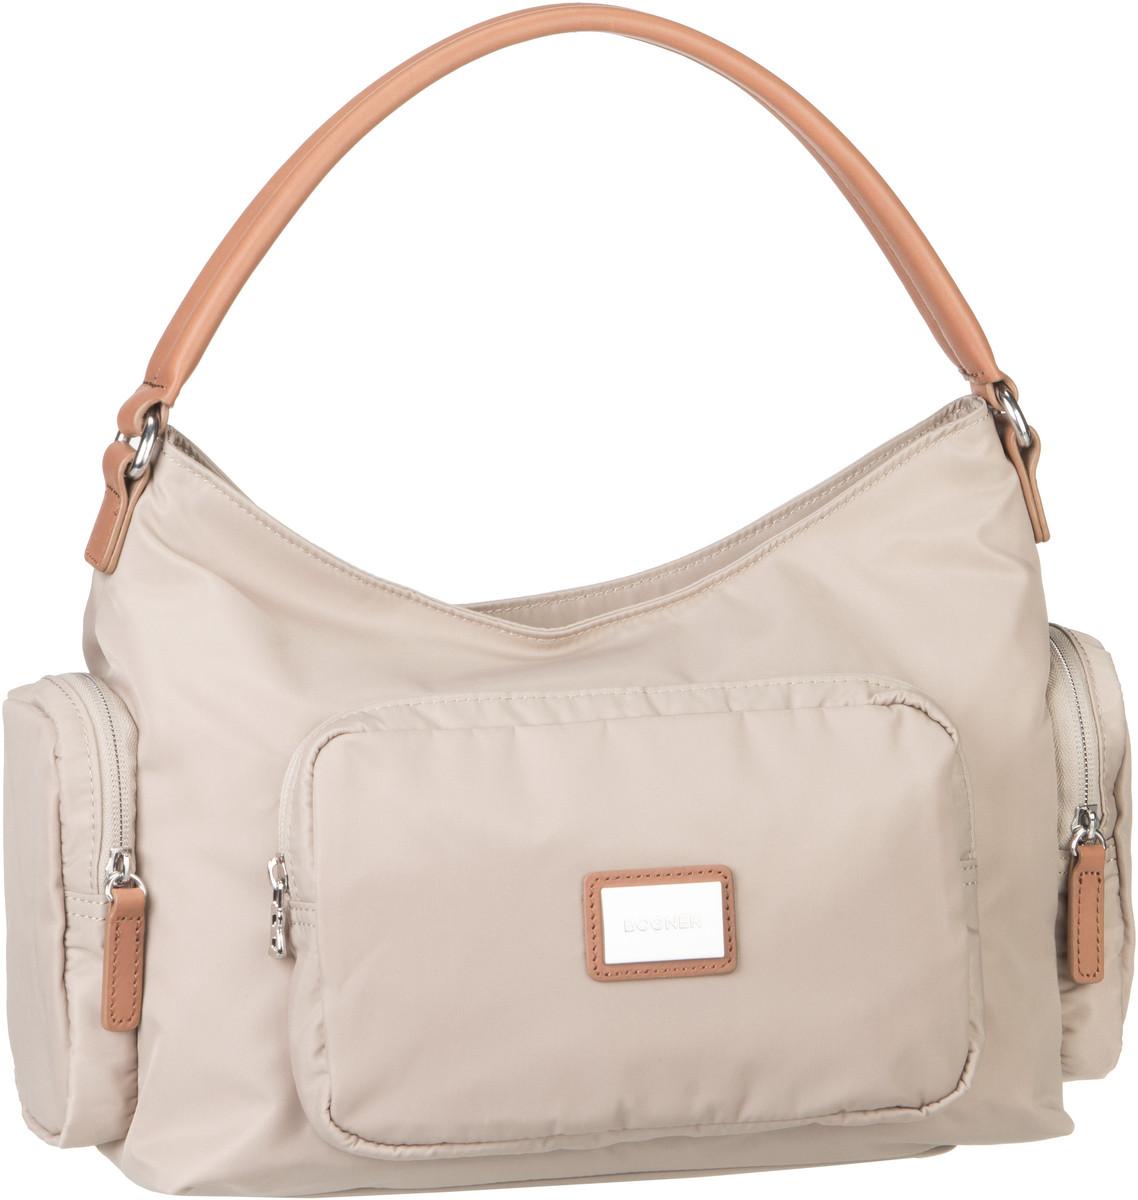 Handtaschen für Frauen - Bogner Aurum Anna Beach Handtasche  - Onlineshop Taschenkaufhaus